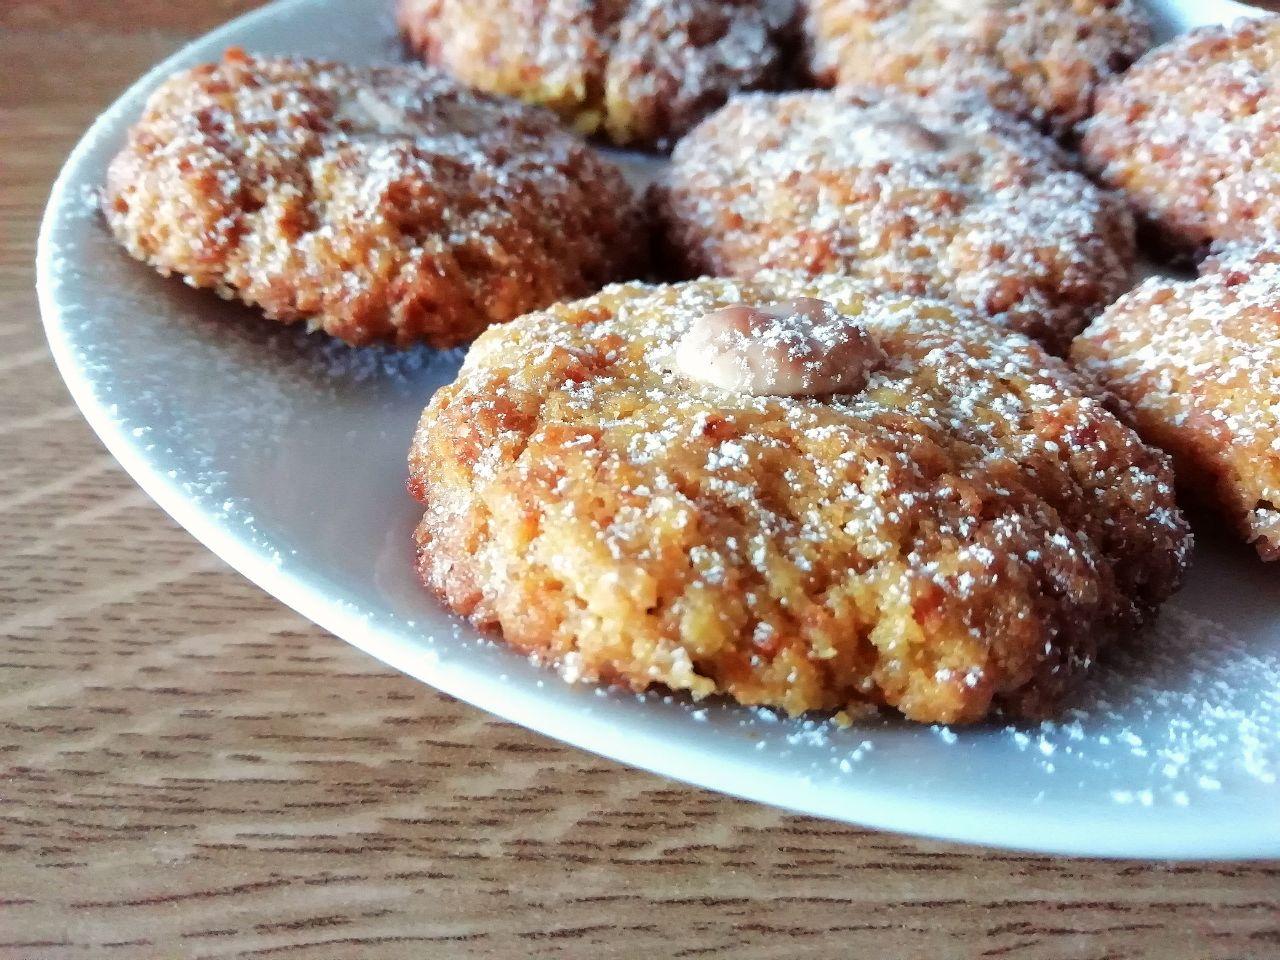 Dolci leggeri: biscotti alle carote, senza burro, con cioccolato bianco!